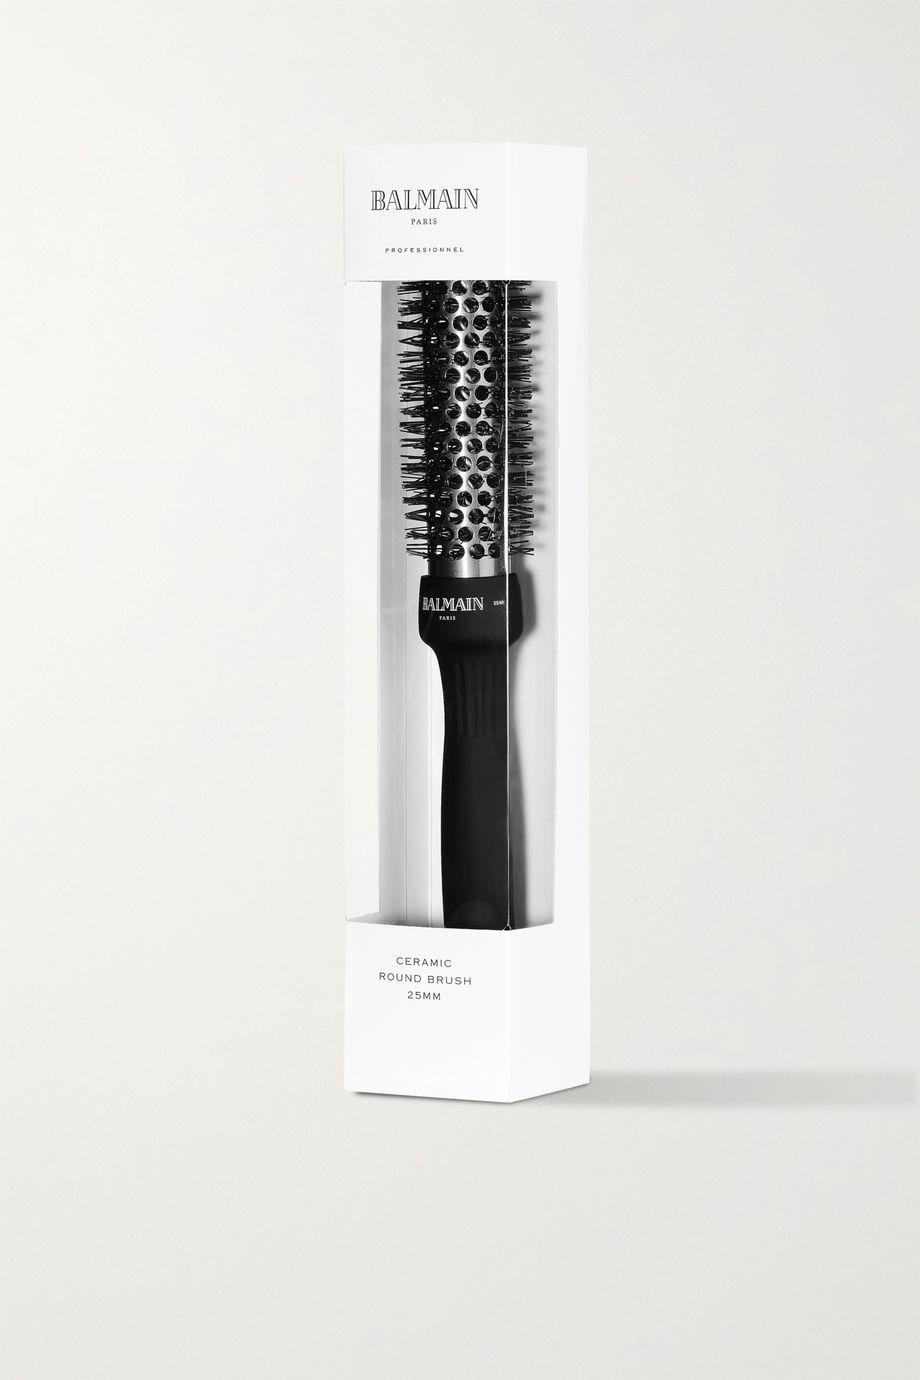 Balmain Paris Hair Couture Ceramic Round Brush 25mm